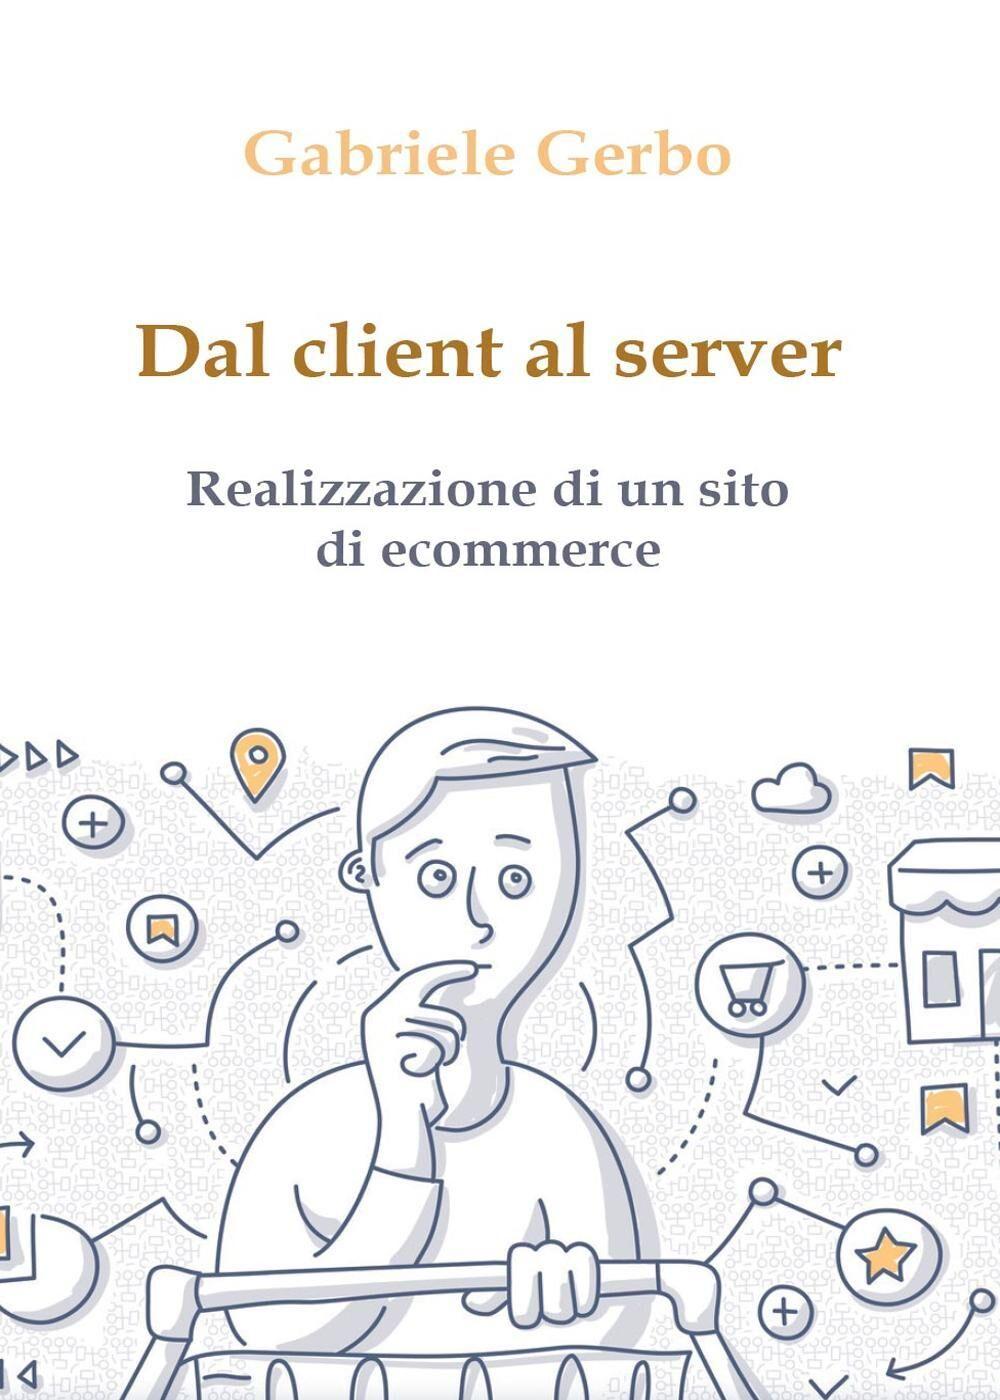 Dal client al server. Realizzazione di un sito di ecommerce